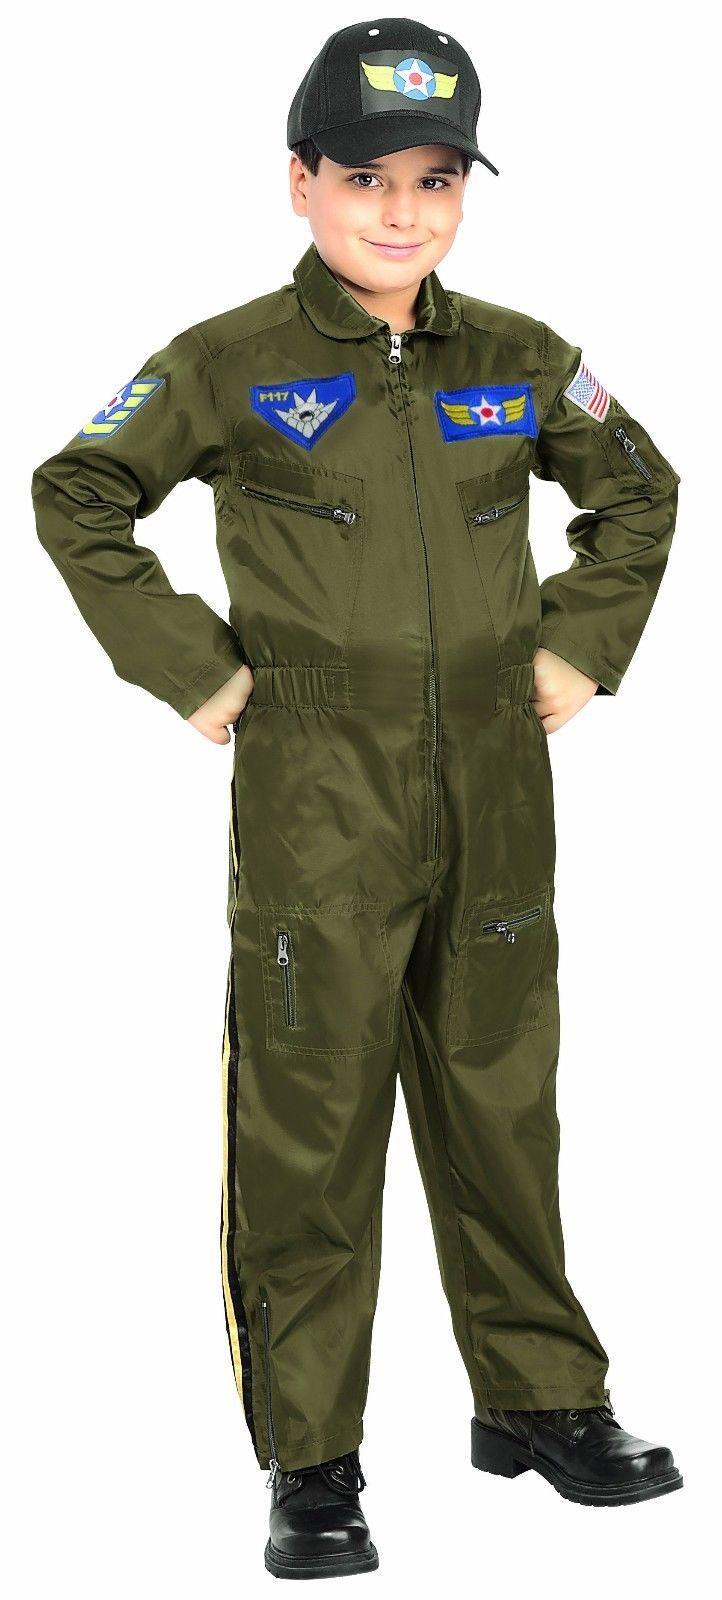 Rubies Air Force Fighter Pilot USA Boys Children Halloween Costume 882701